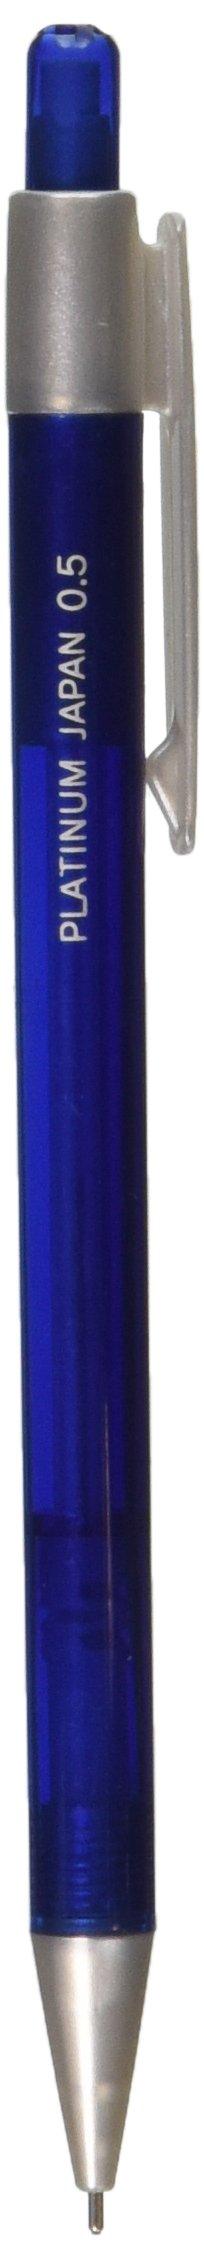 Platinum Mini lápiz mecánico de bolsillo Memo, 0.5mm,...